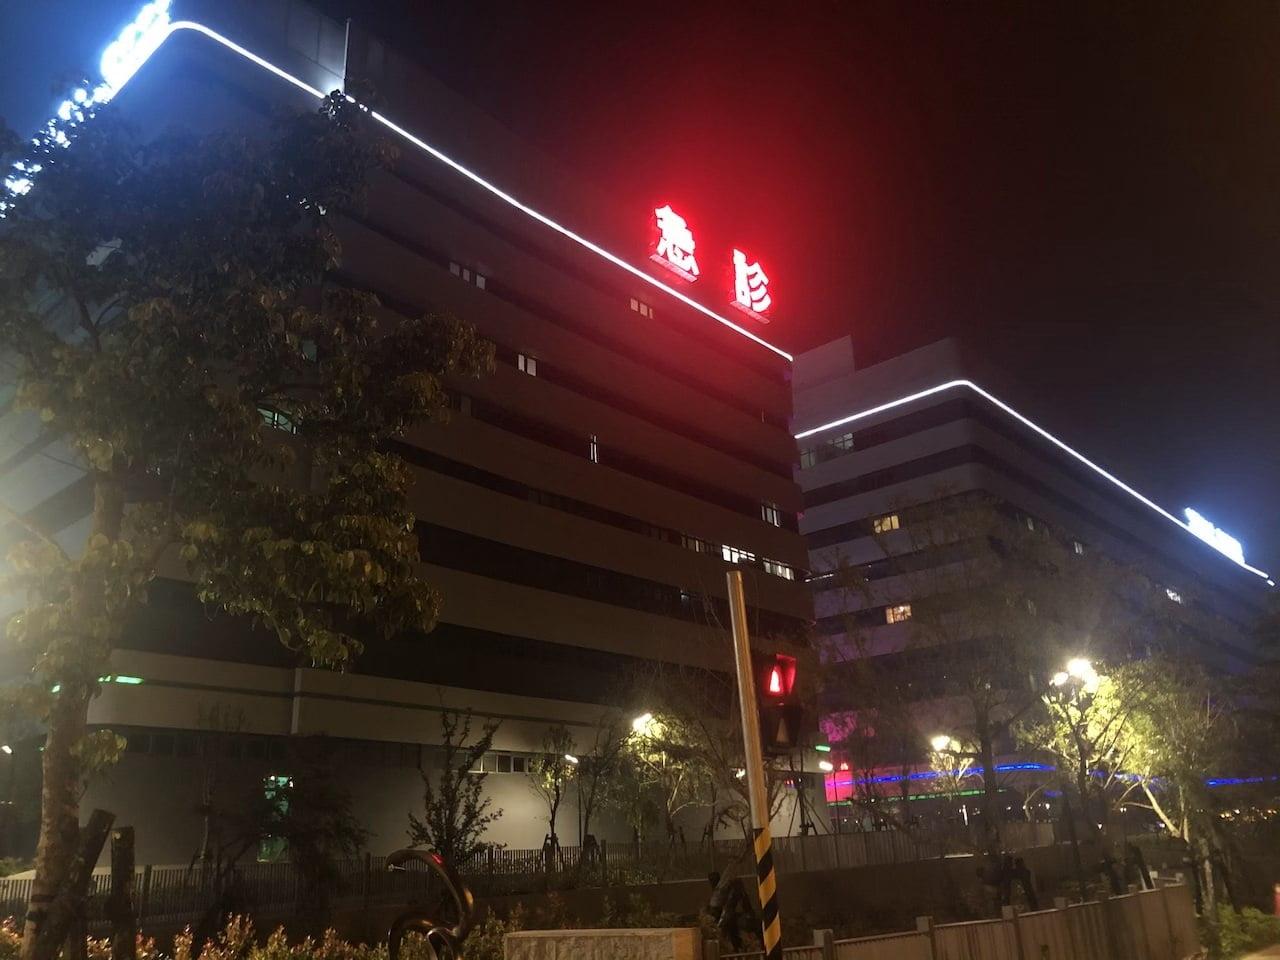 Round taiwan taipei shinpei 11